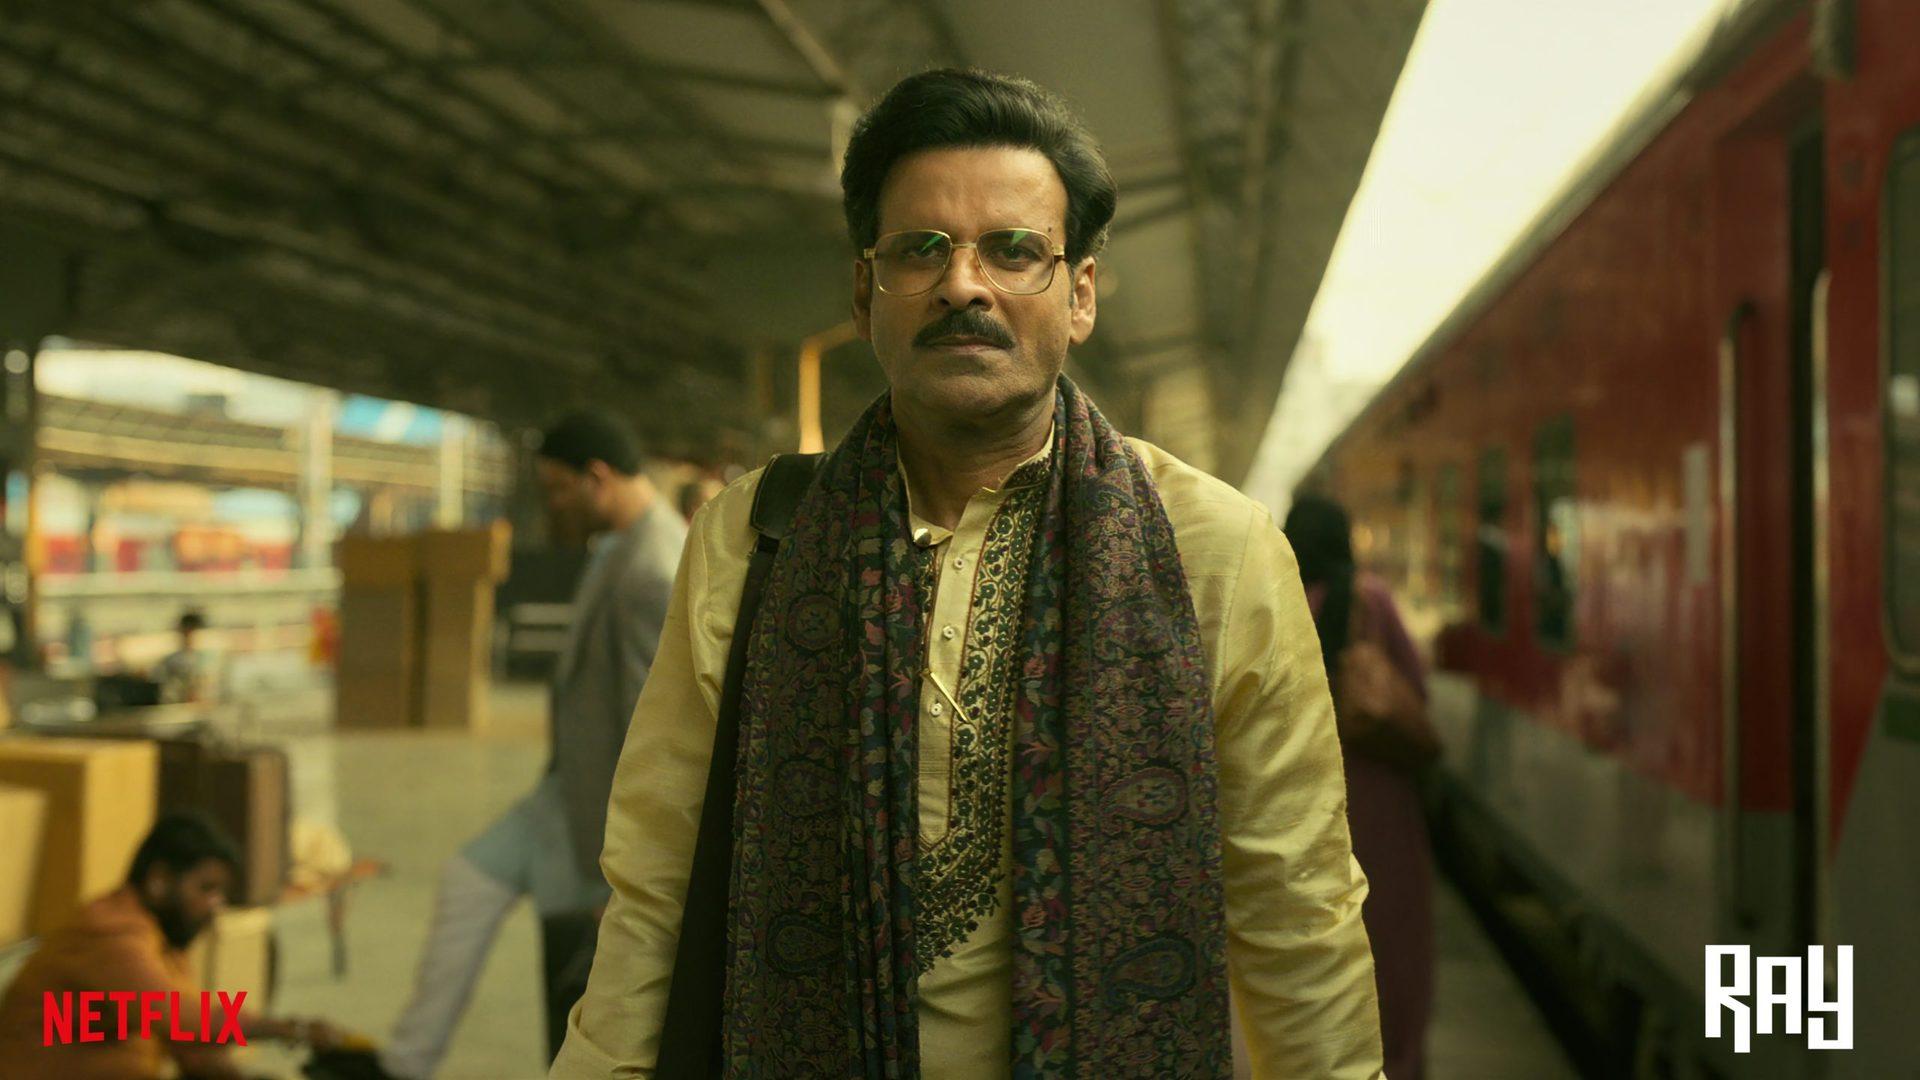 Ray Netflix Indian Originals